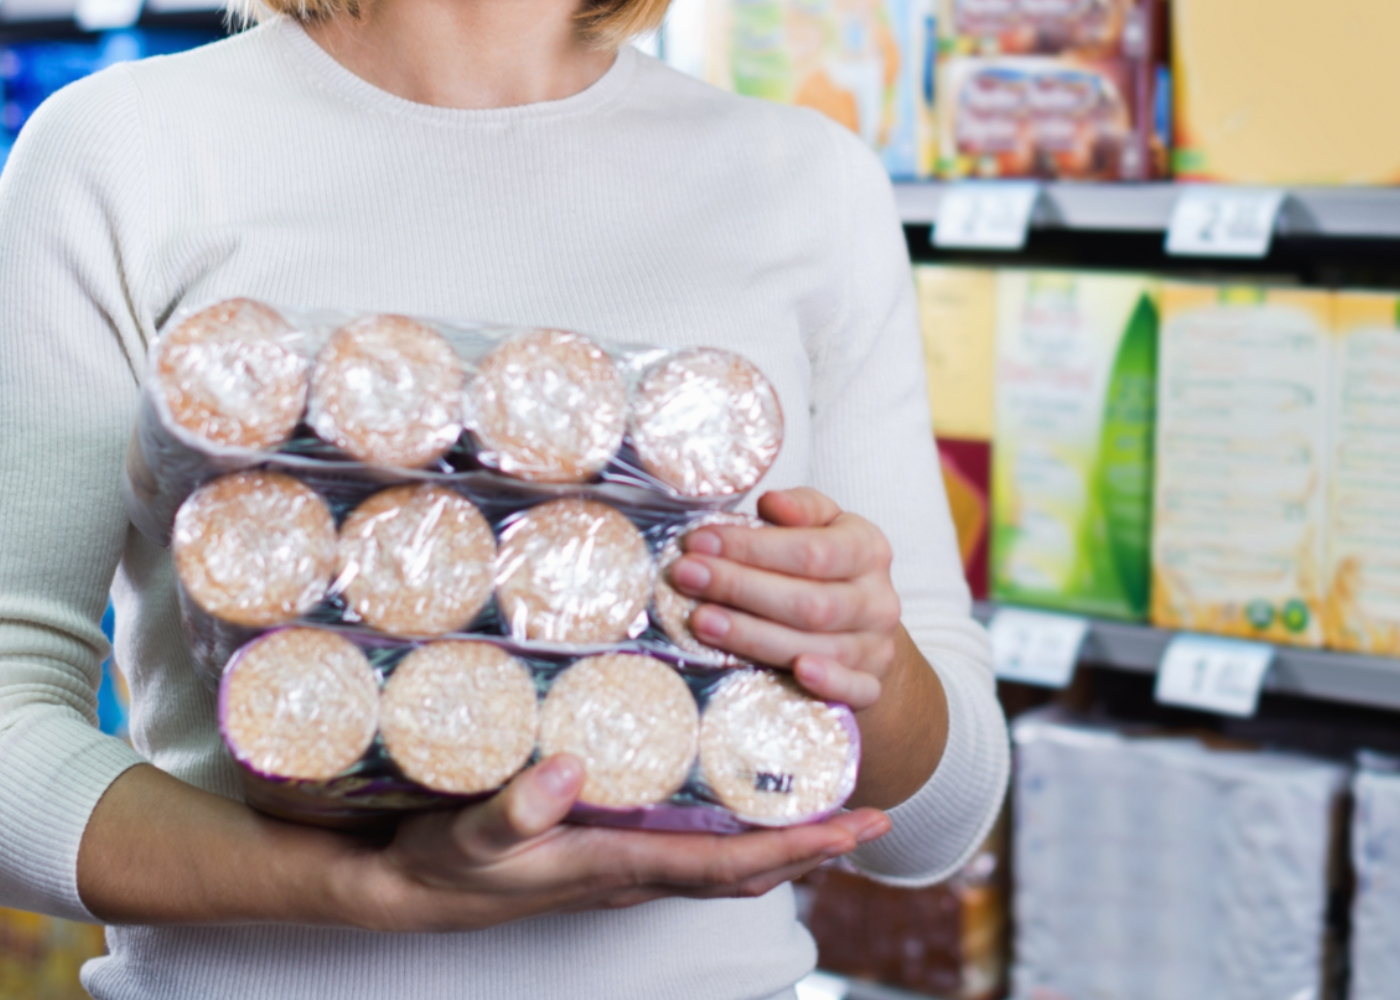 Mulher a comprar bolachas no supermercado